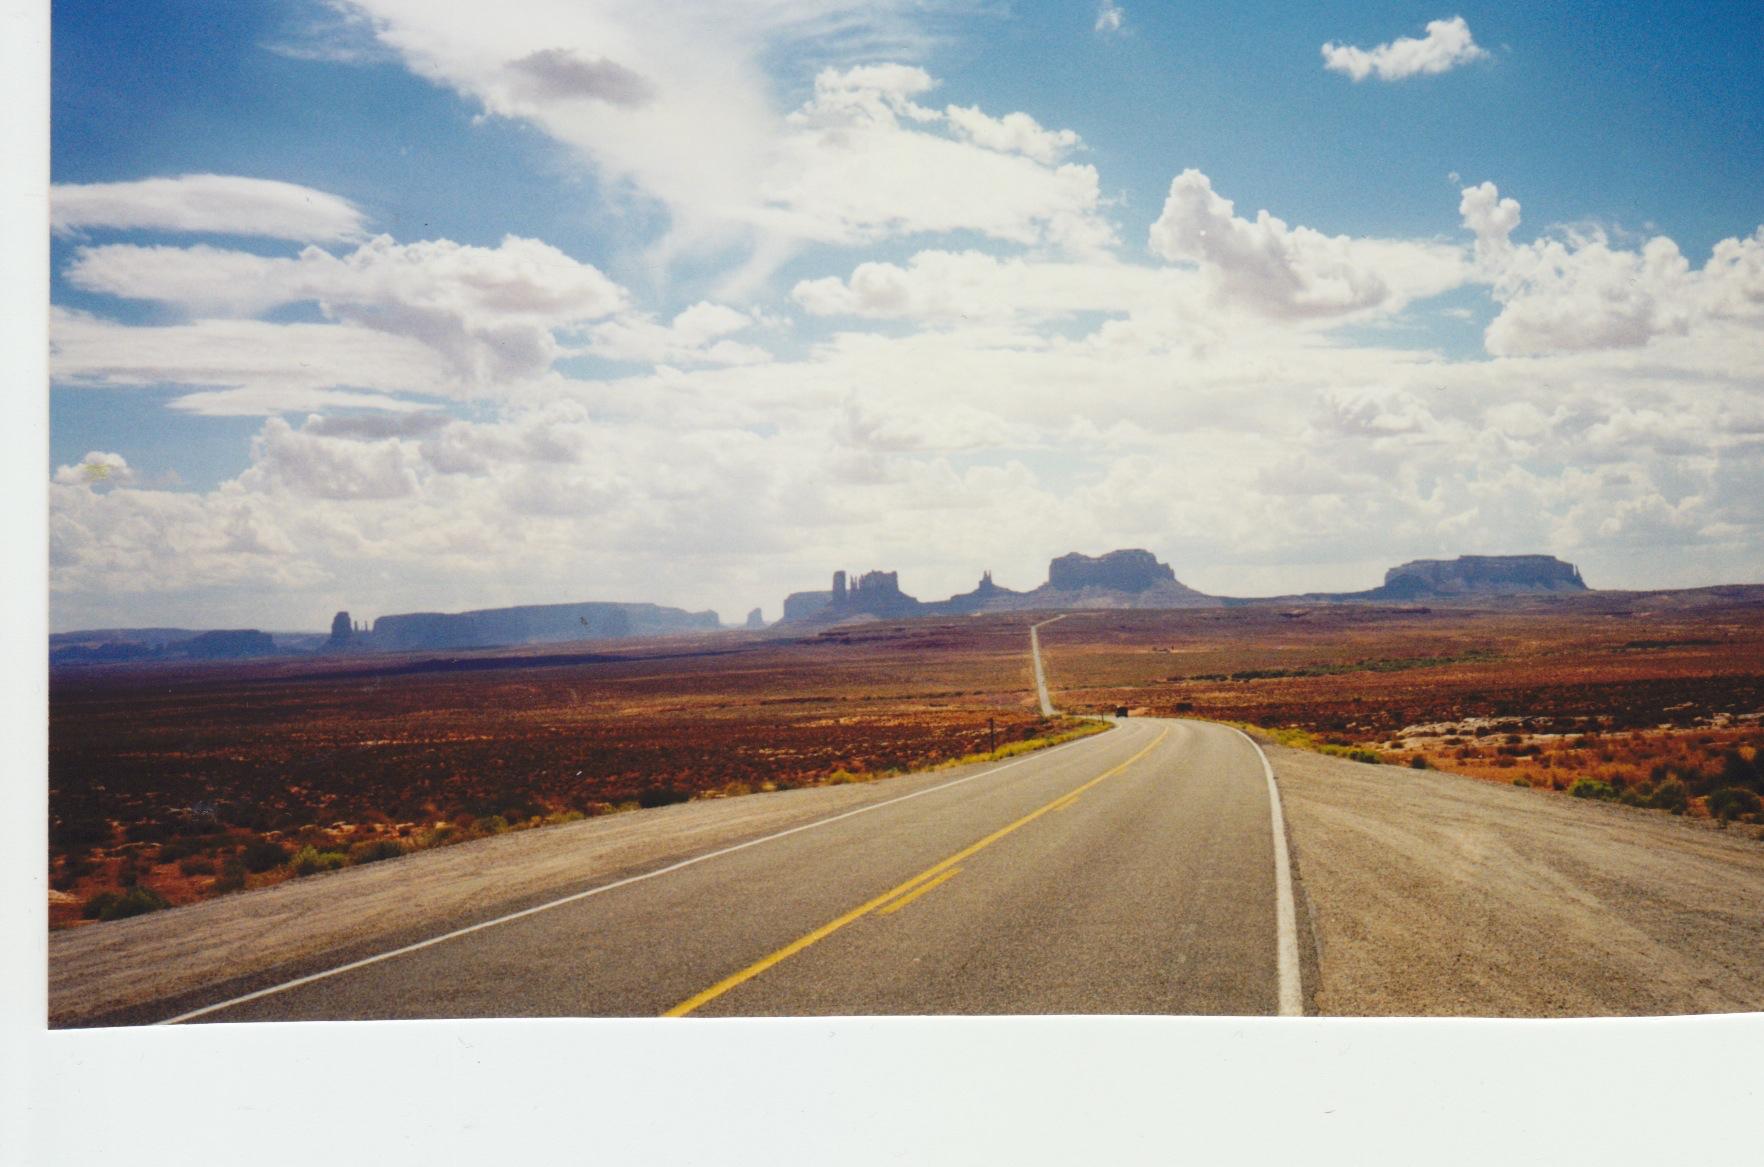 Wild West, USA